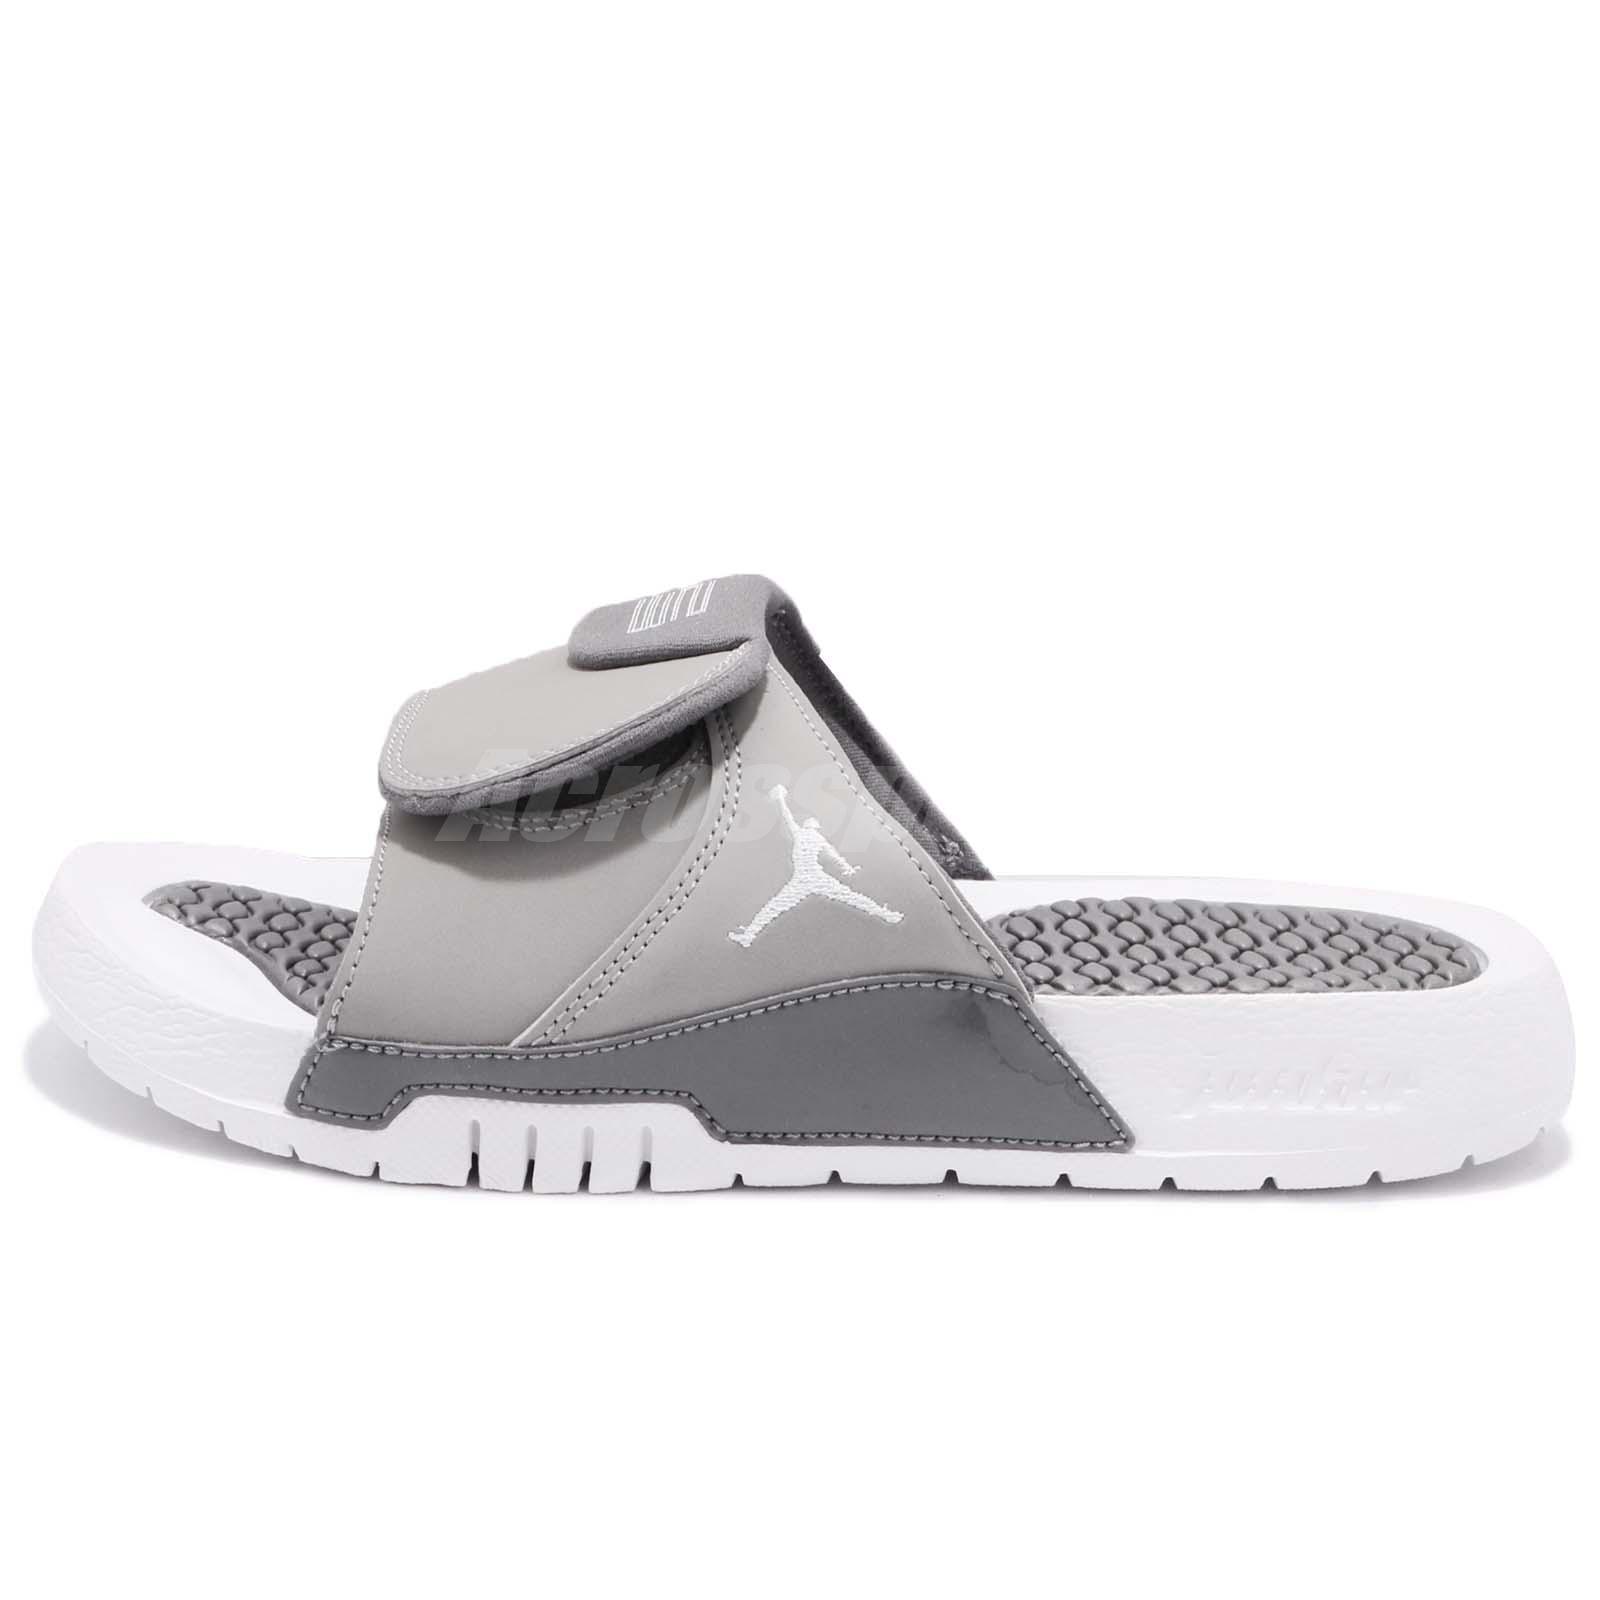 Nike Jordan Hydro Xi Retro Grey Suministro De Venta Precio Bajo Precio Barato Barato En Línea Barata Compra De Descuento Barato Mejor Tienda A Comprar noVgz1s